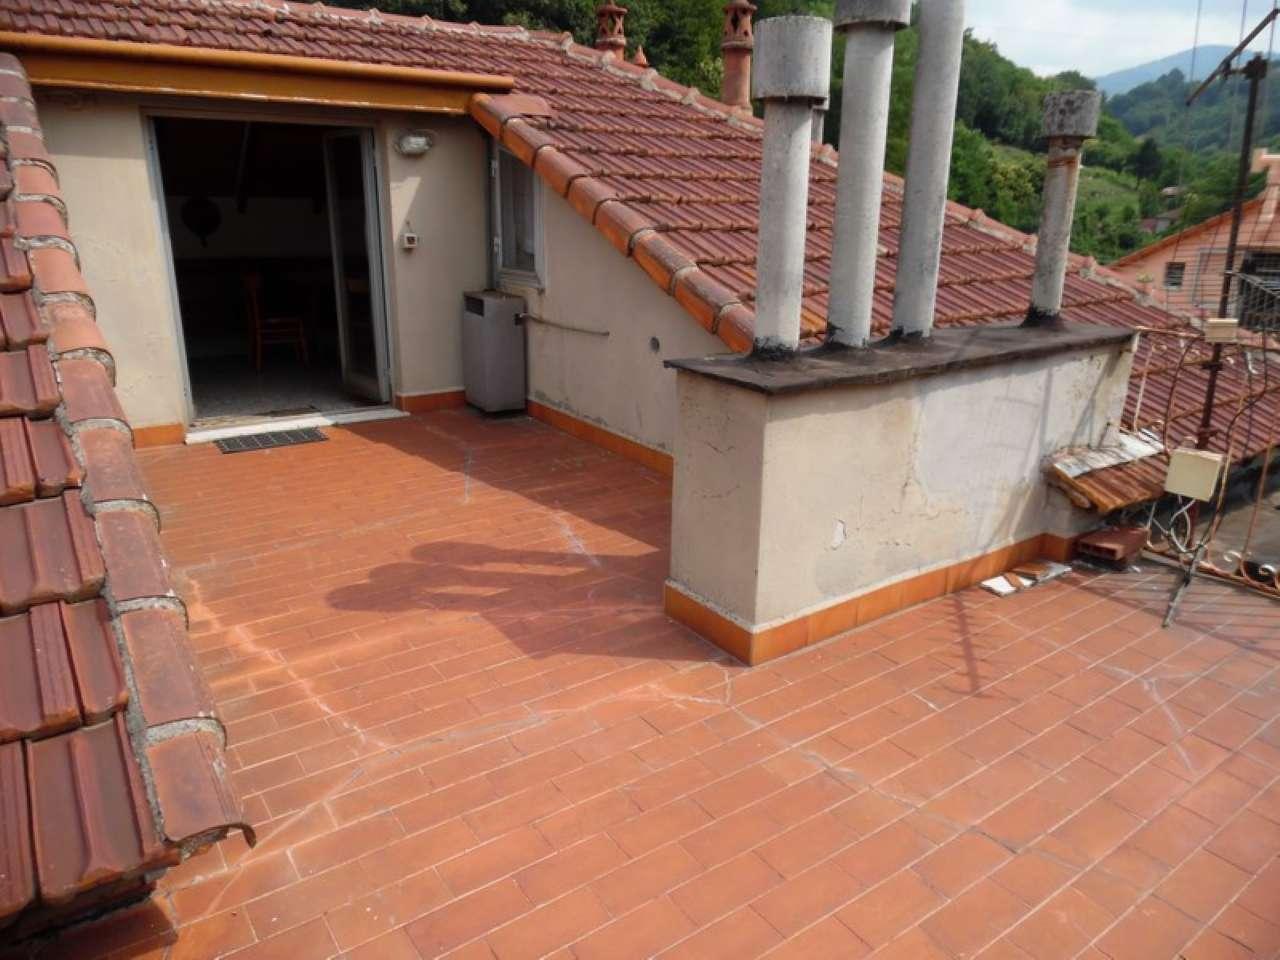 Mignanego - appartamento bilivello con terrazza, 2 balconi e garage doppio